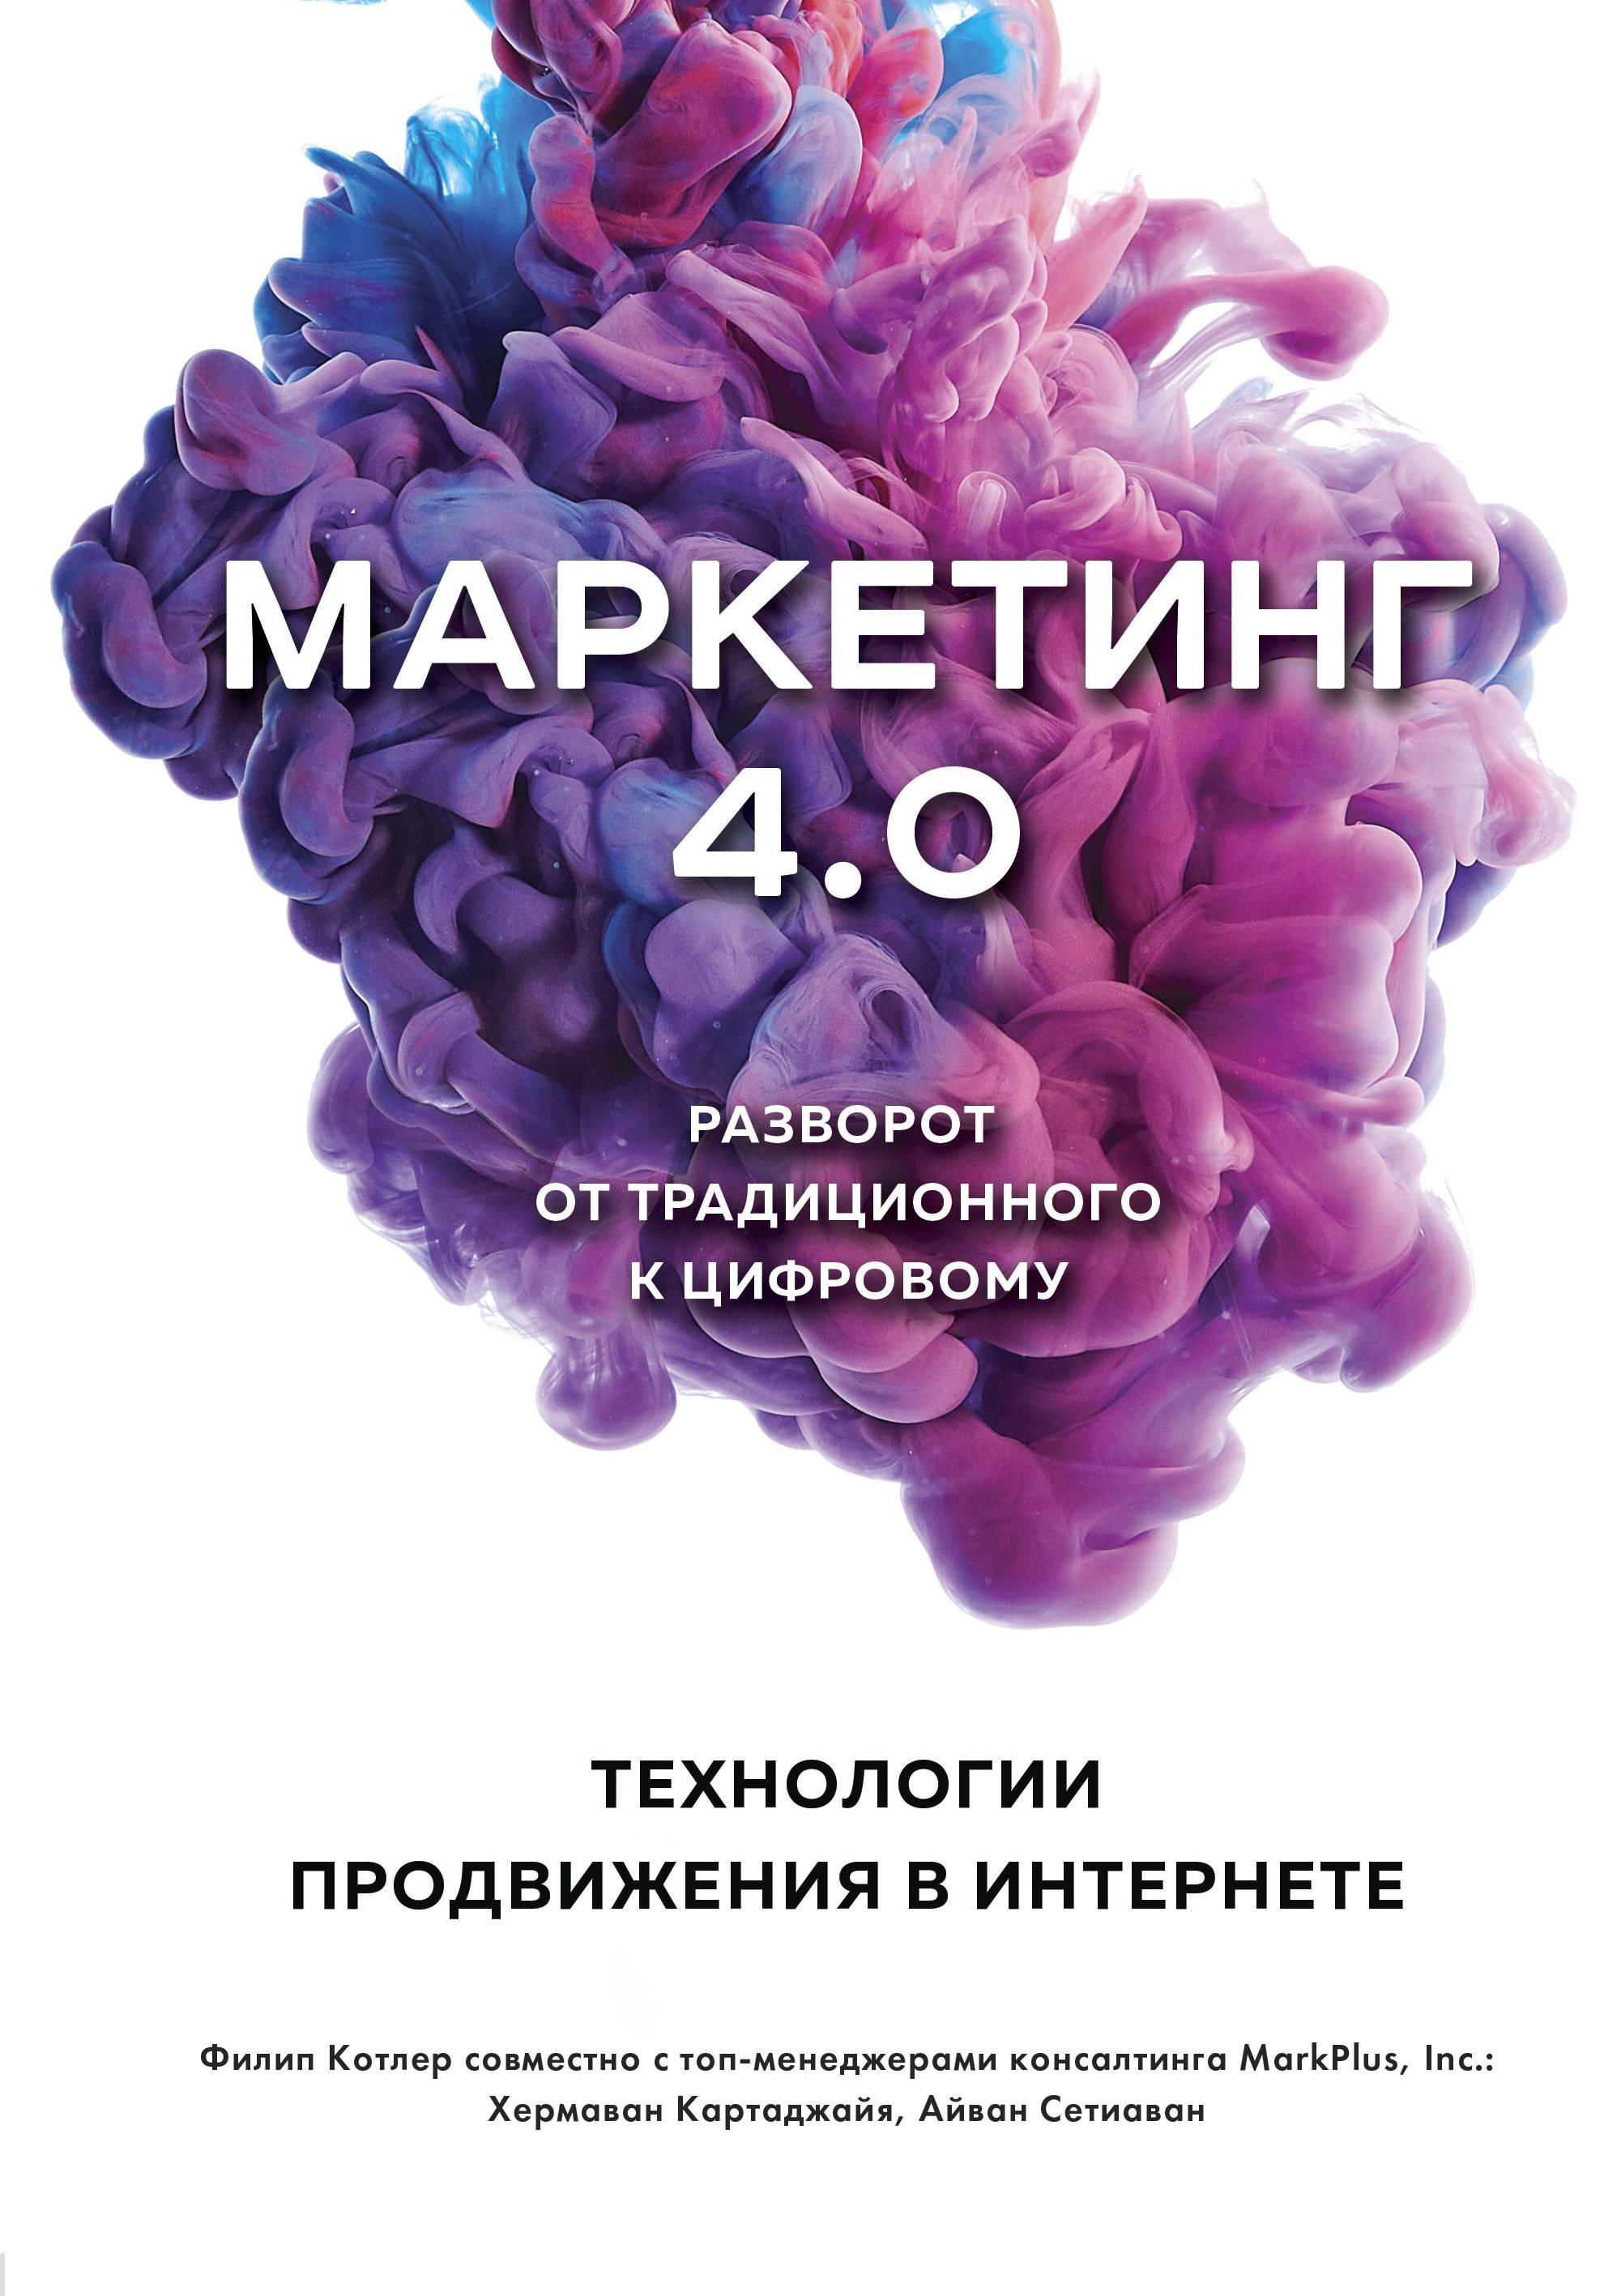 Marketing 4.0. Razvorot ot traditsionnogo k tsifrovomu: tekhnologii prodvizhenija v internete